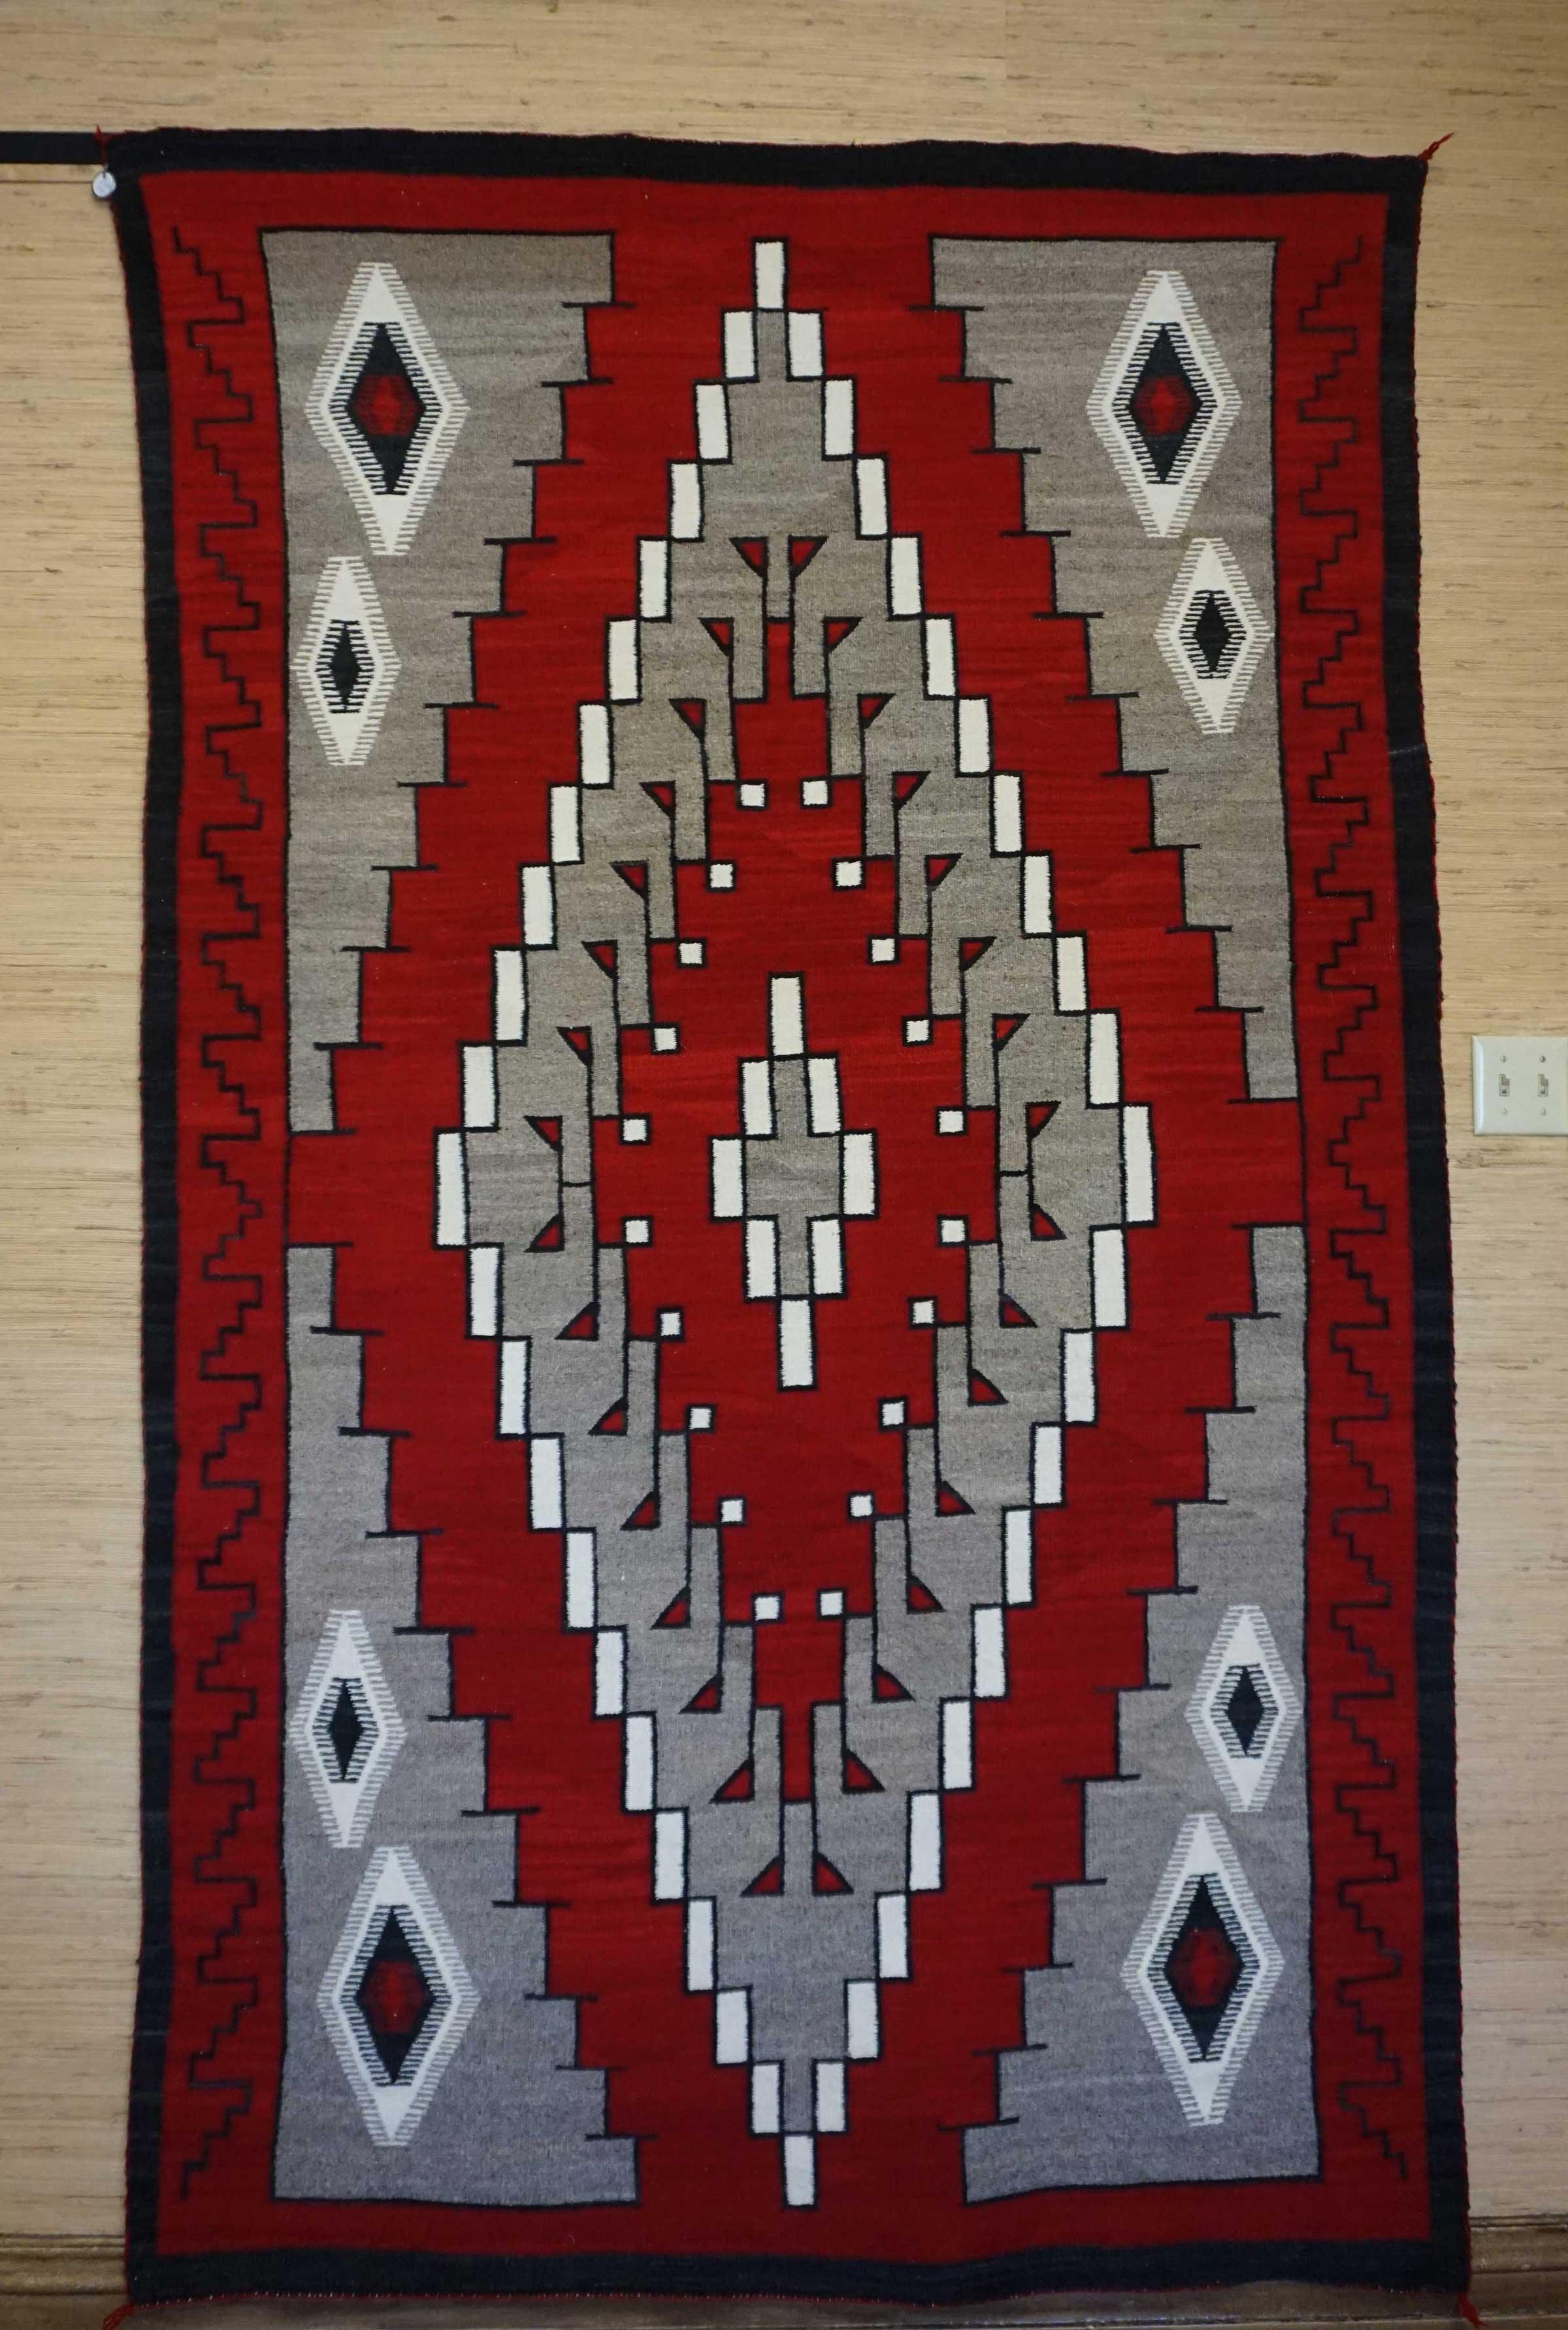 Single Diamond Ganado Navajo Rug Weaving For Sale 838